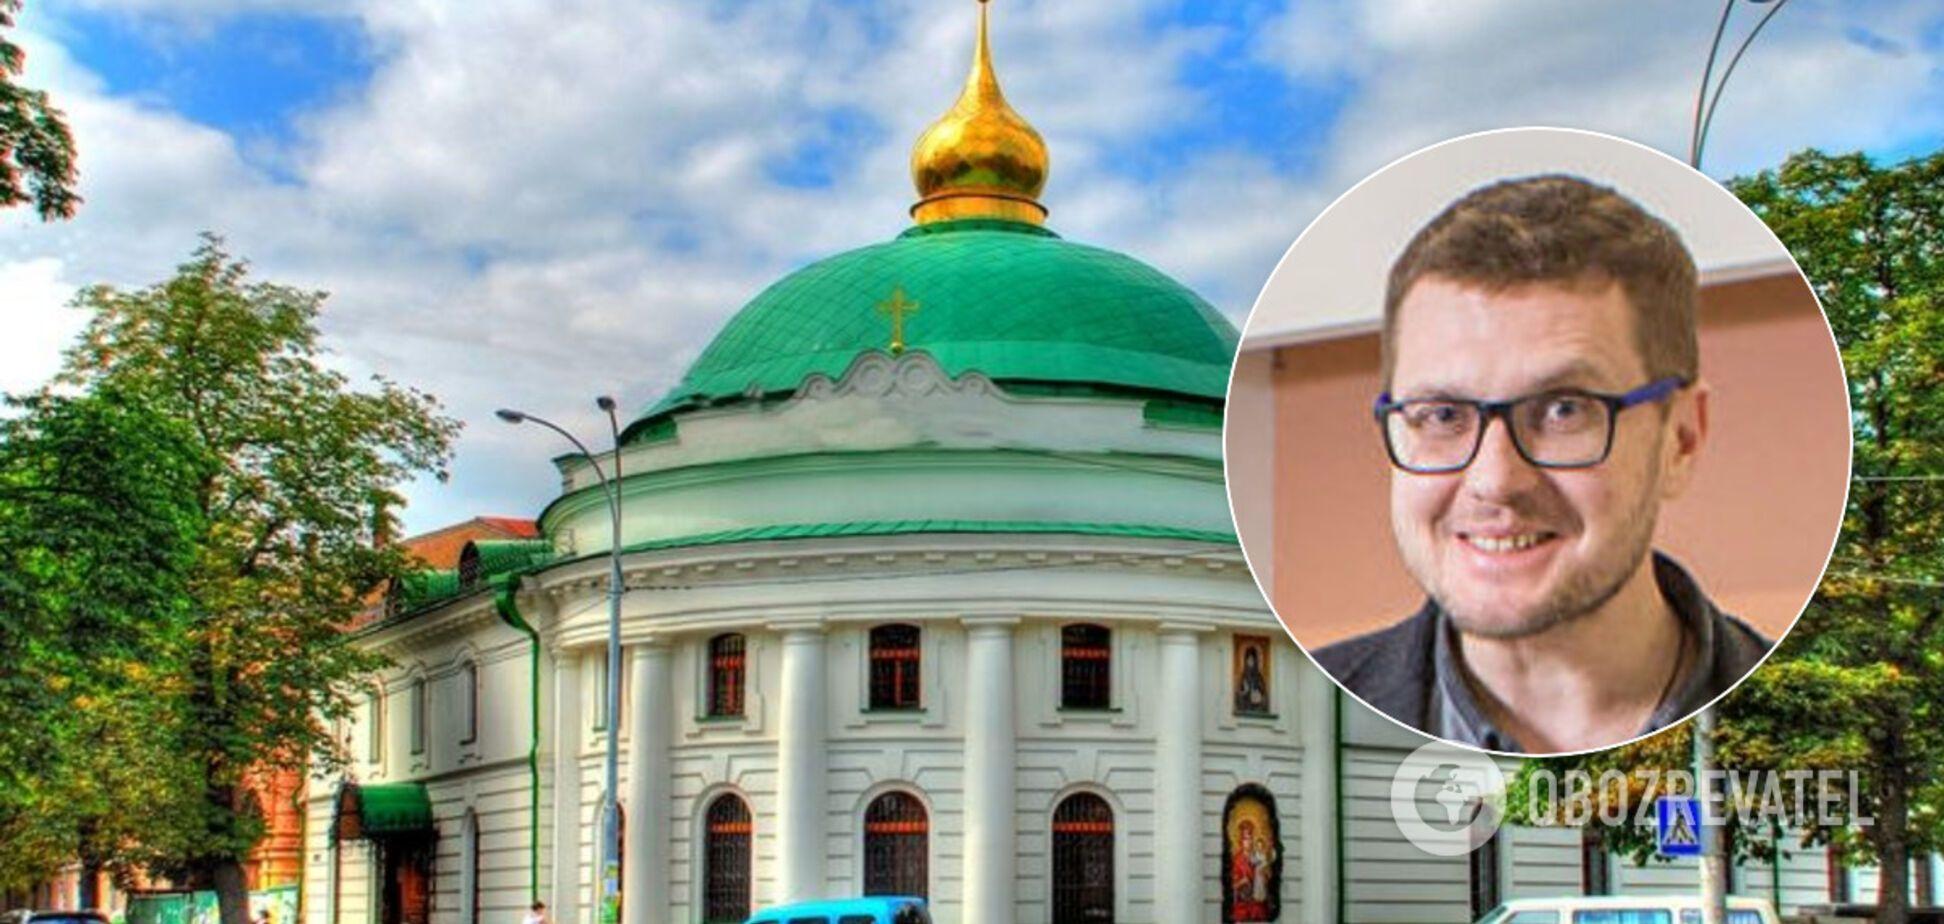 Церковь УПЦ МП, в которую ходит Баканов, угодила в скандал, почтив воинов России